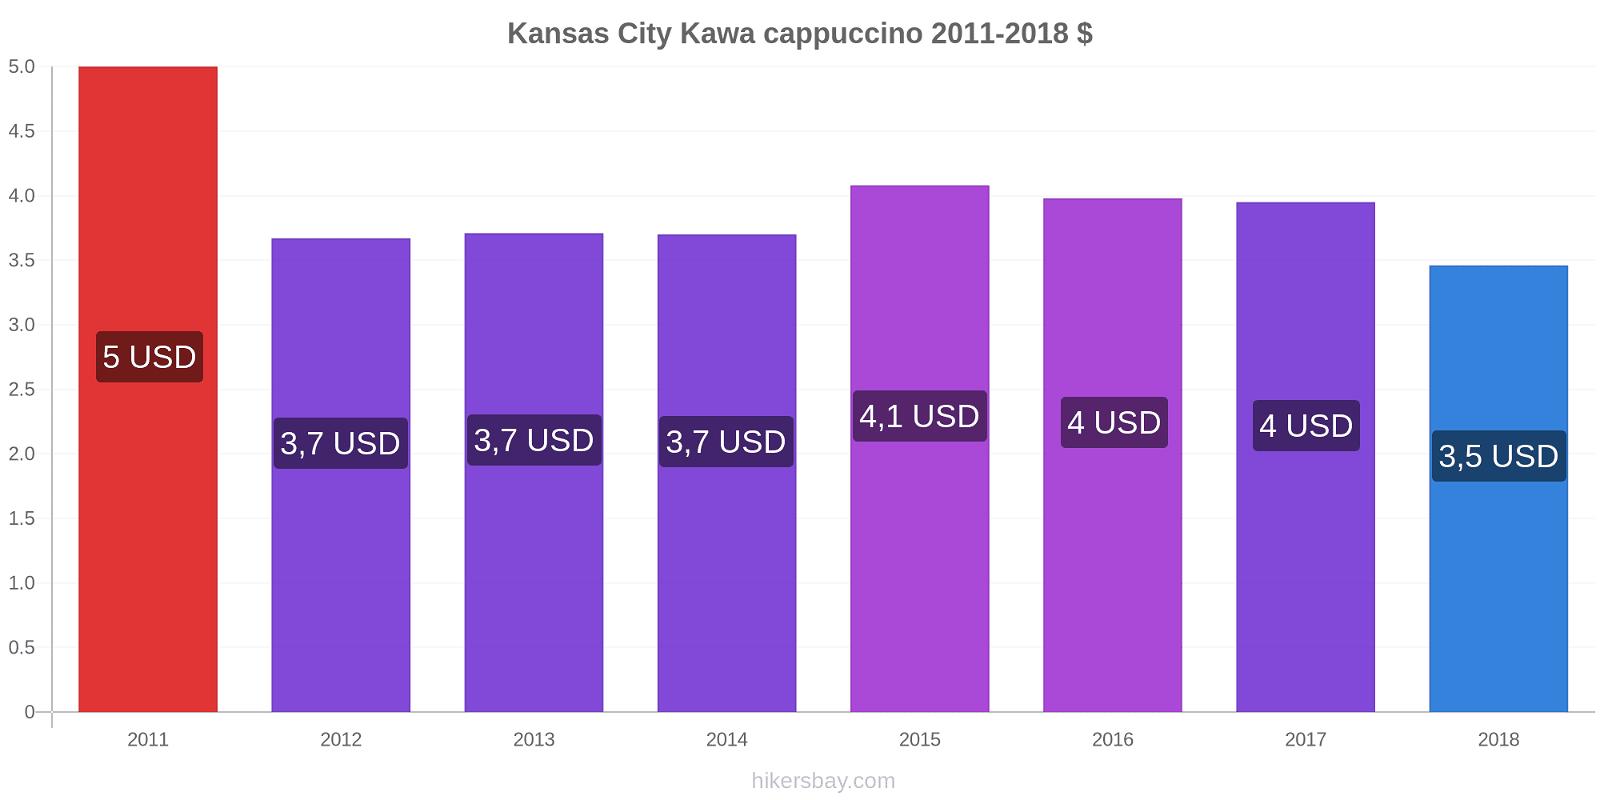 Kansas City zmiany cen Kawa cappuccino hikersbay.com